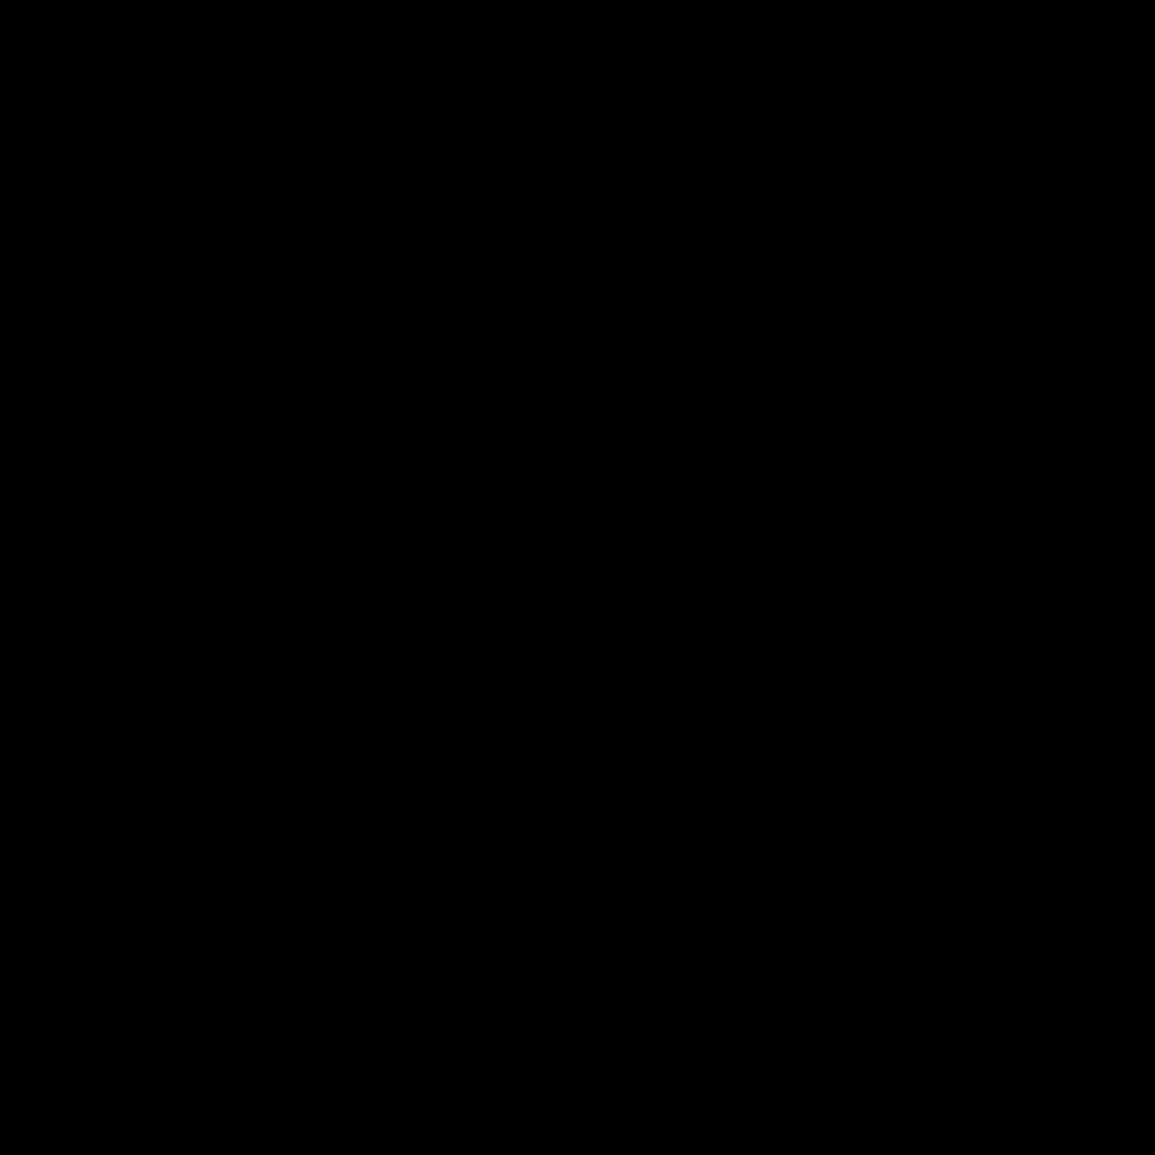 ゴカール H(かな) HGC 字形見本